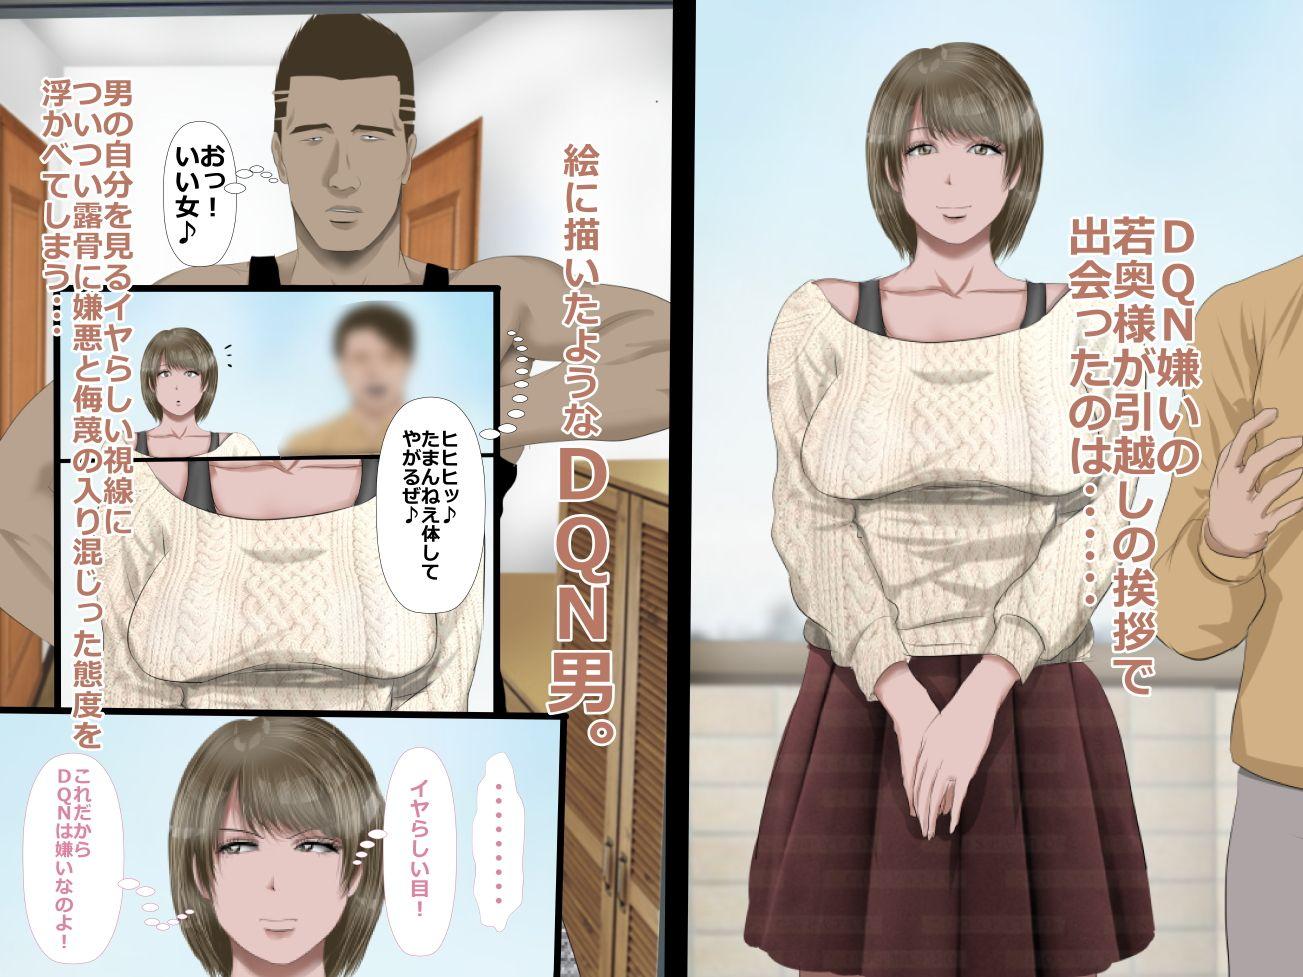 DQN嫌いの美人妻と隣室のDQN男 【作品ネタバレ】